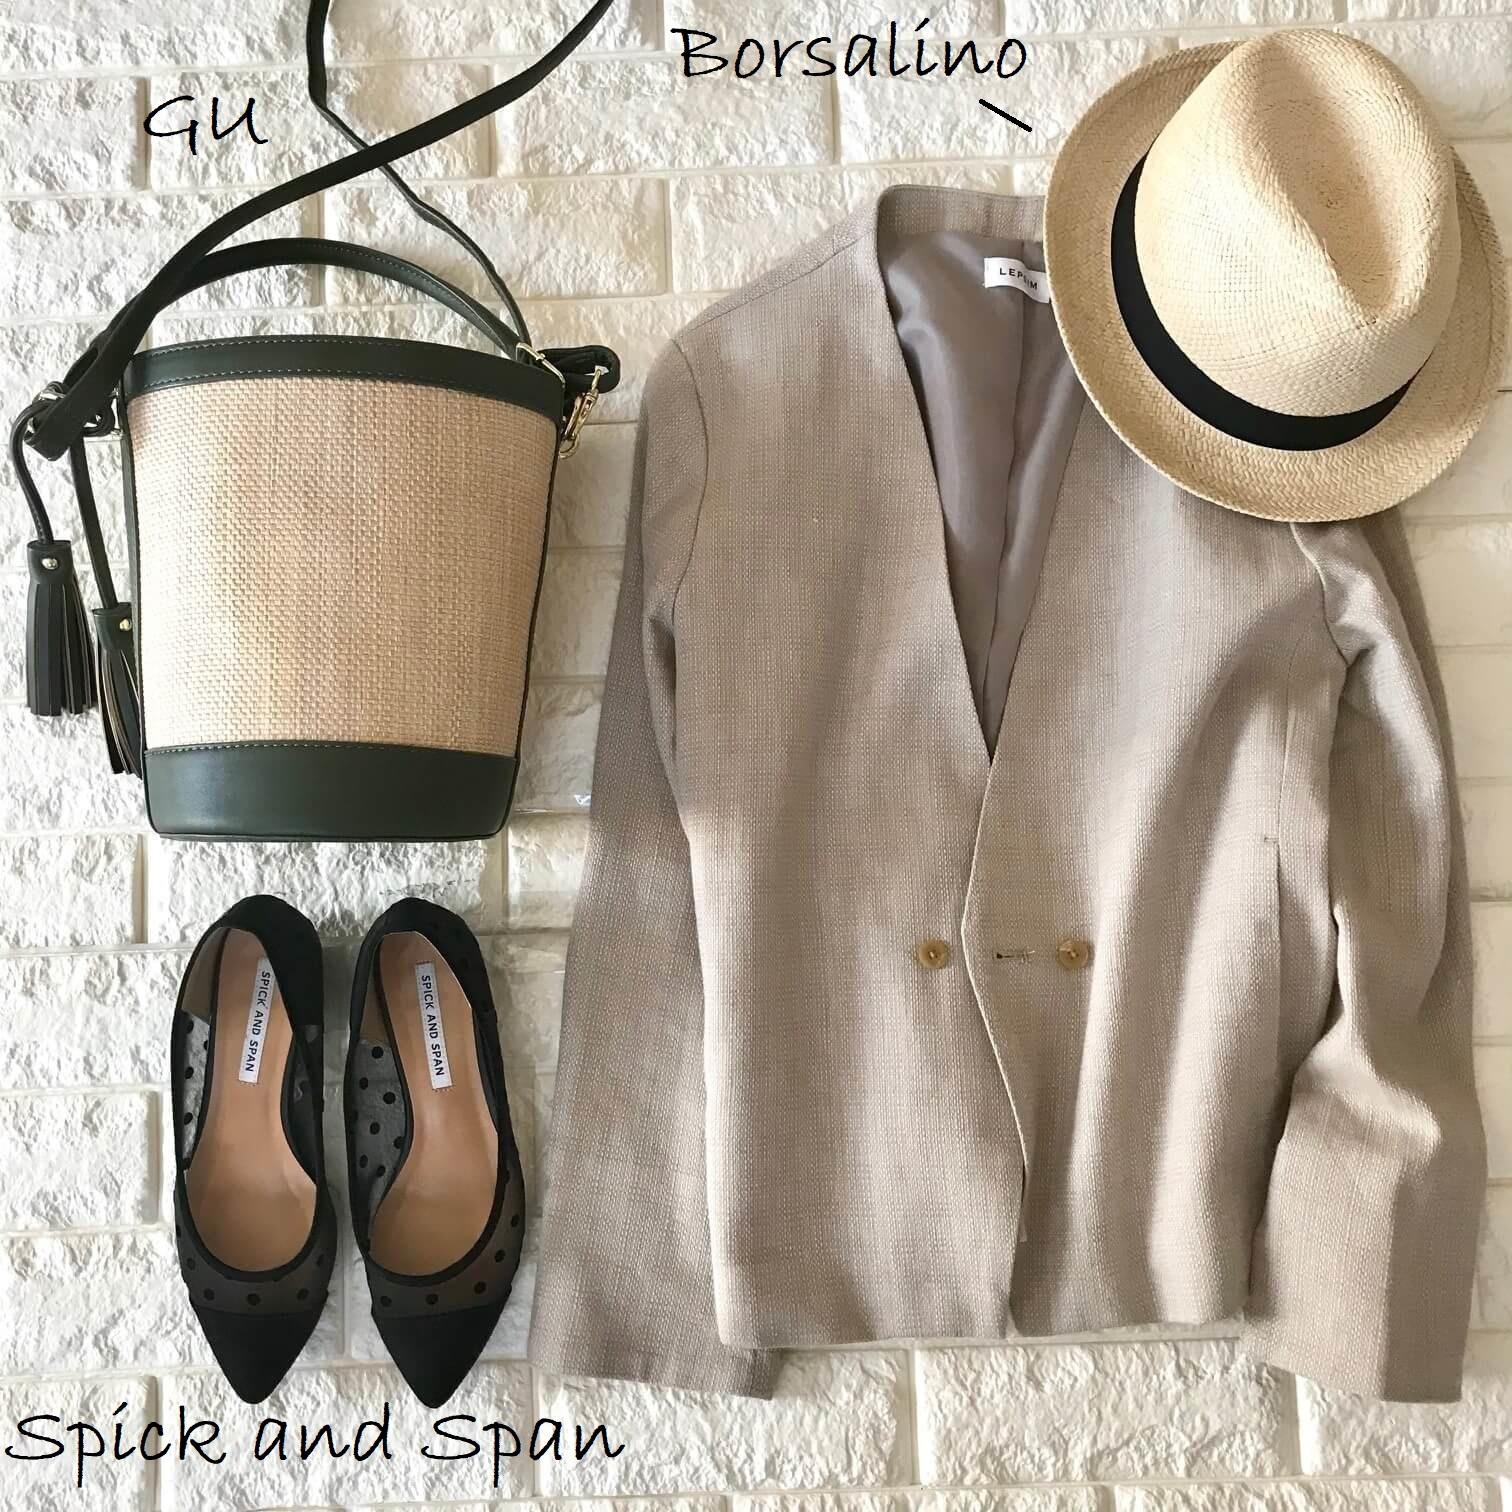 レプシィムのジャケットと小物を合わせた画像